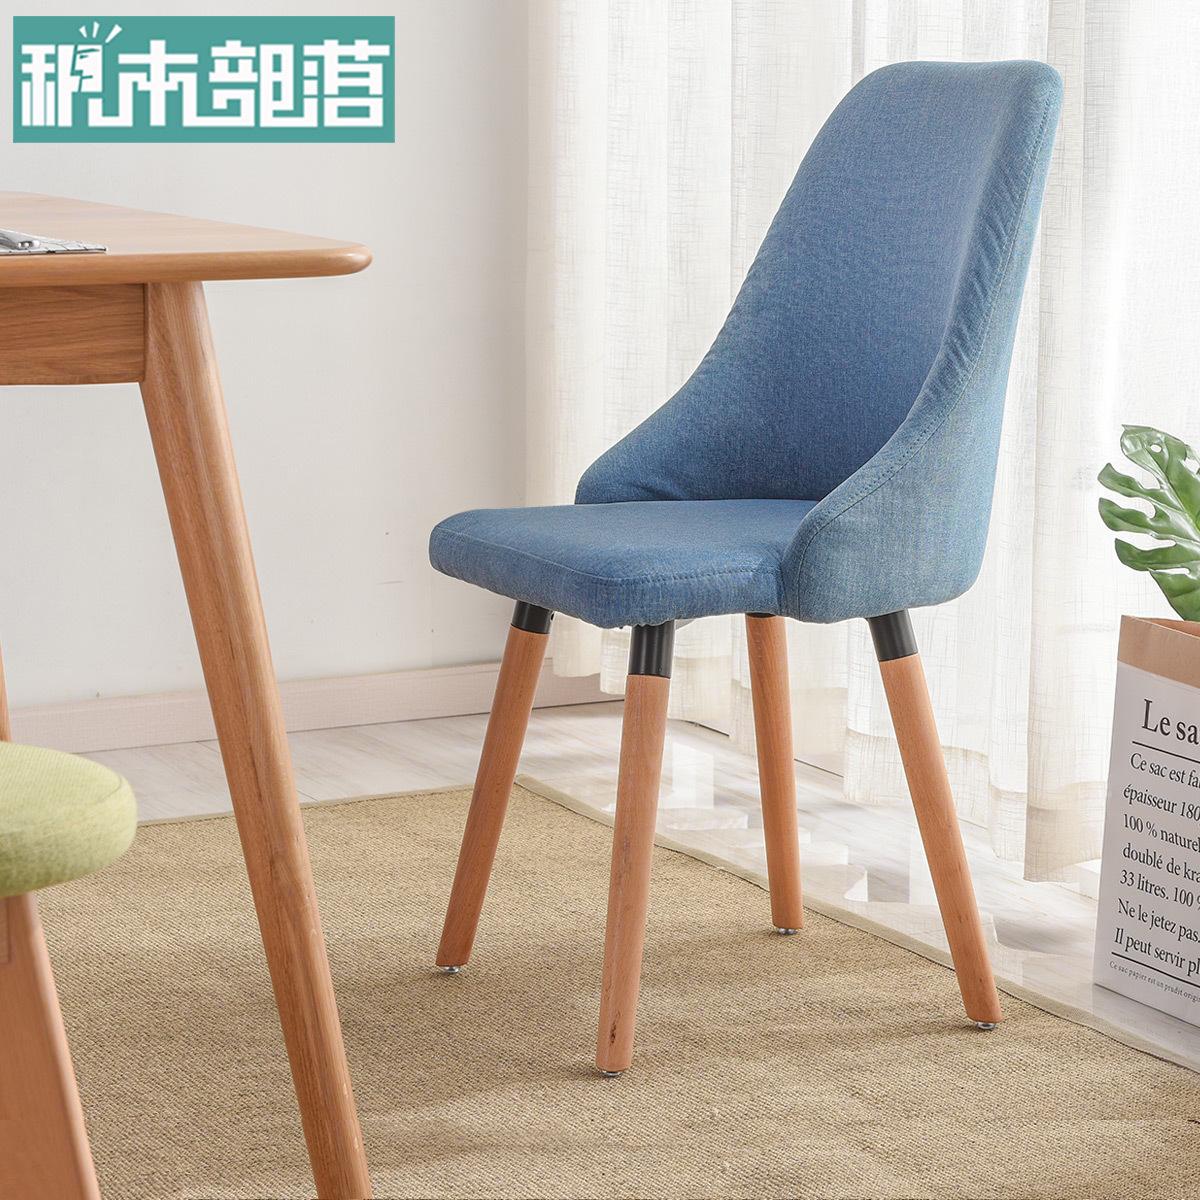 Строительные блоки племя спинка стула сын нордический домой для взрослых письменный стол стул простой творческий стул магазин твердая деревянная обедая стул